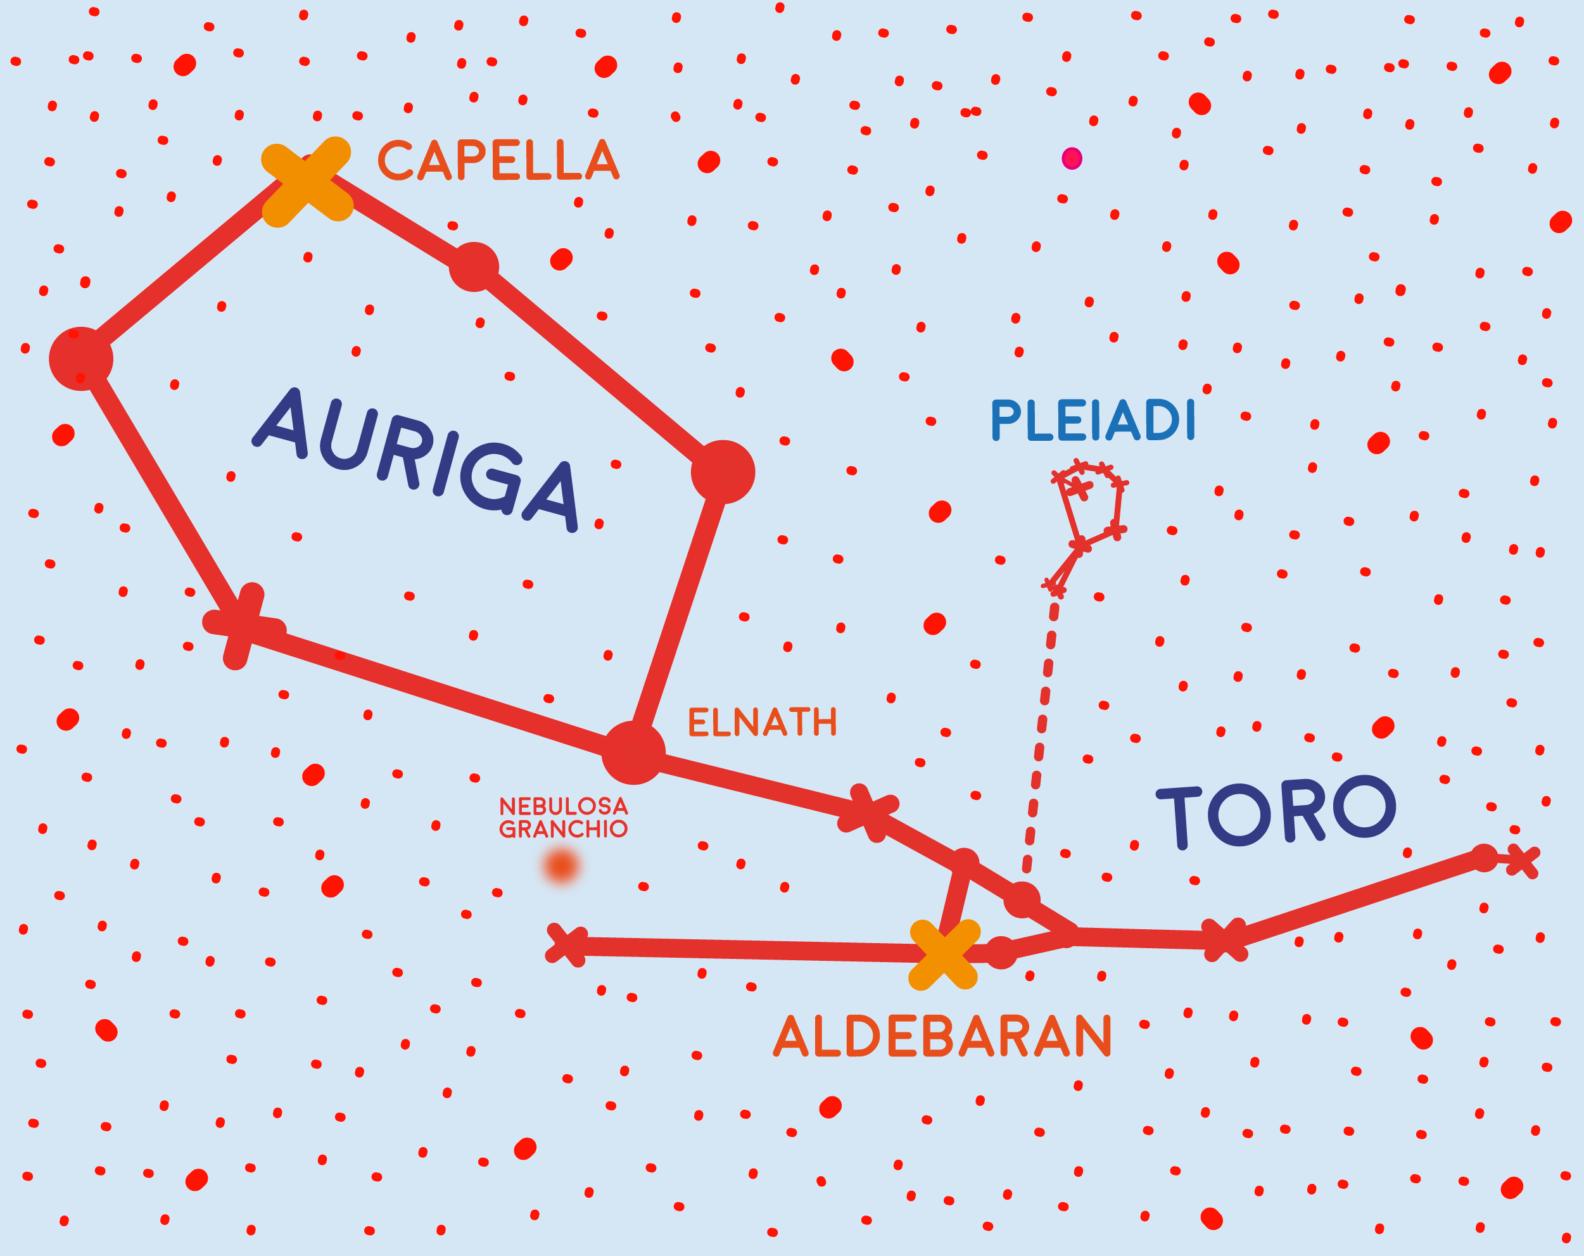 Auriga, Toro, ammasso delle Pleiadi, Capella e Aldebaran